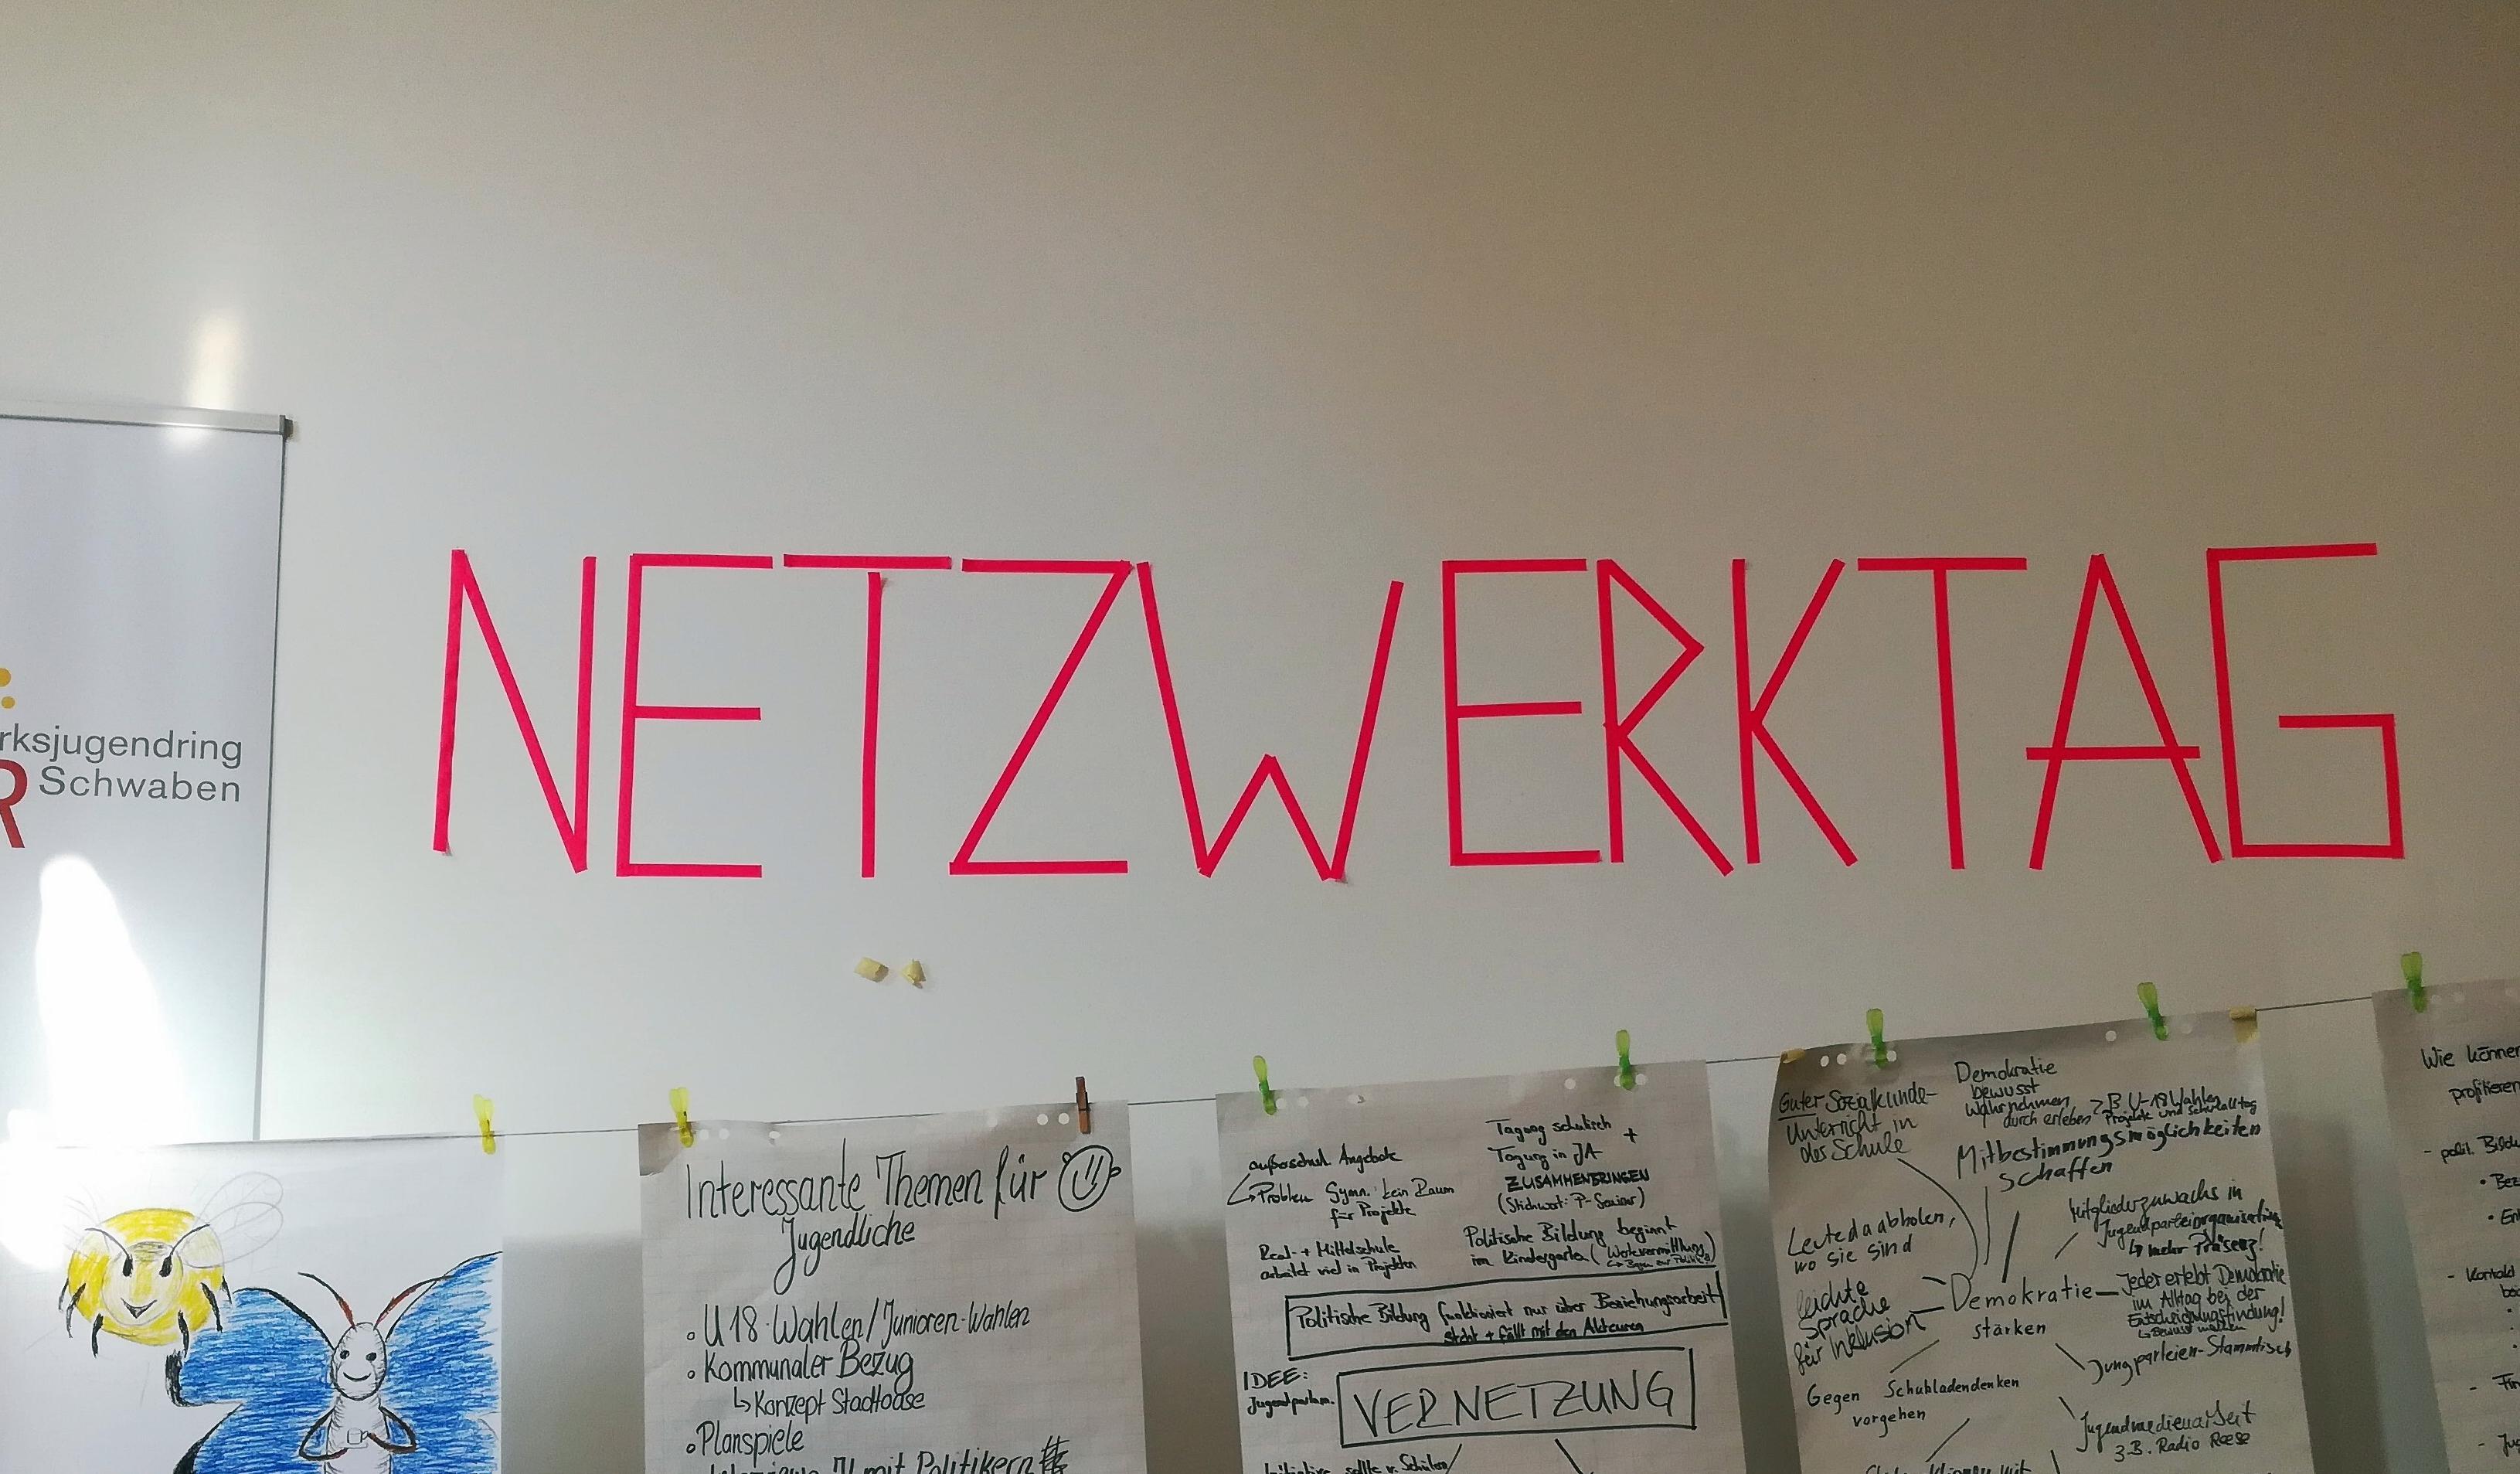 Netzwerktag Politische Bildung 2019